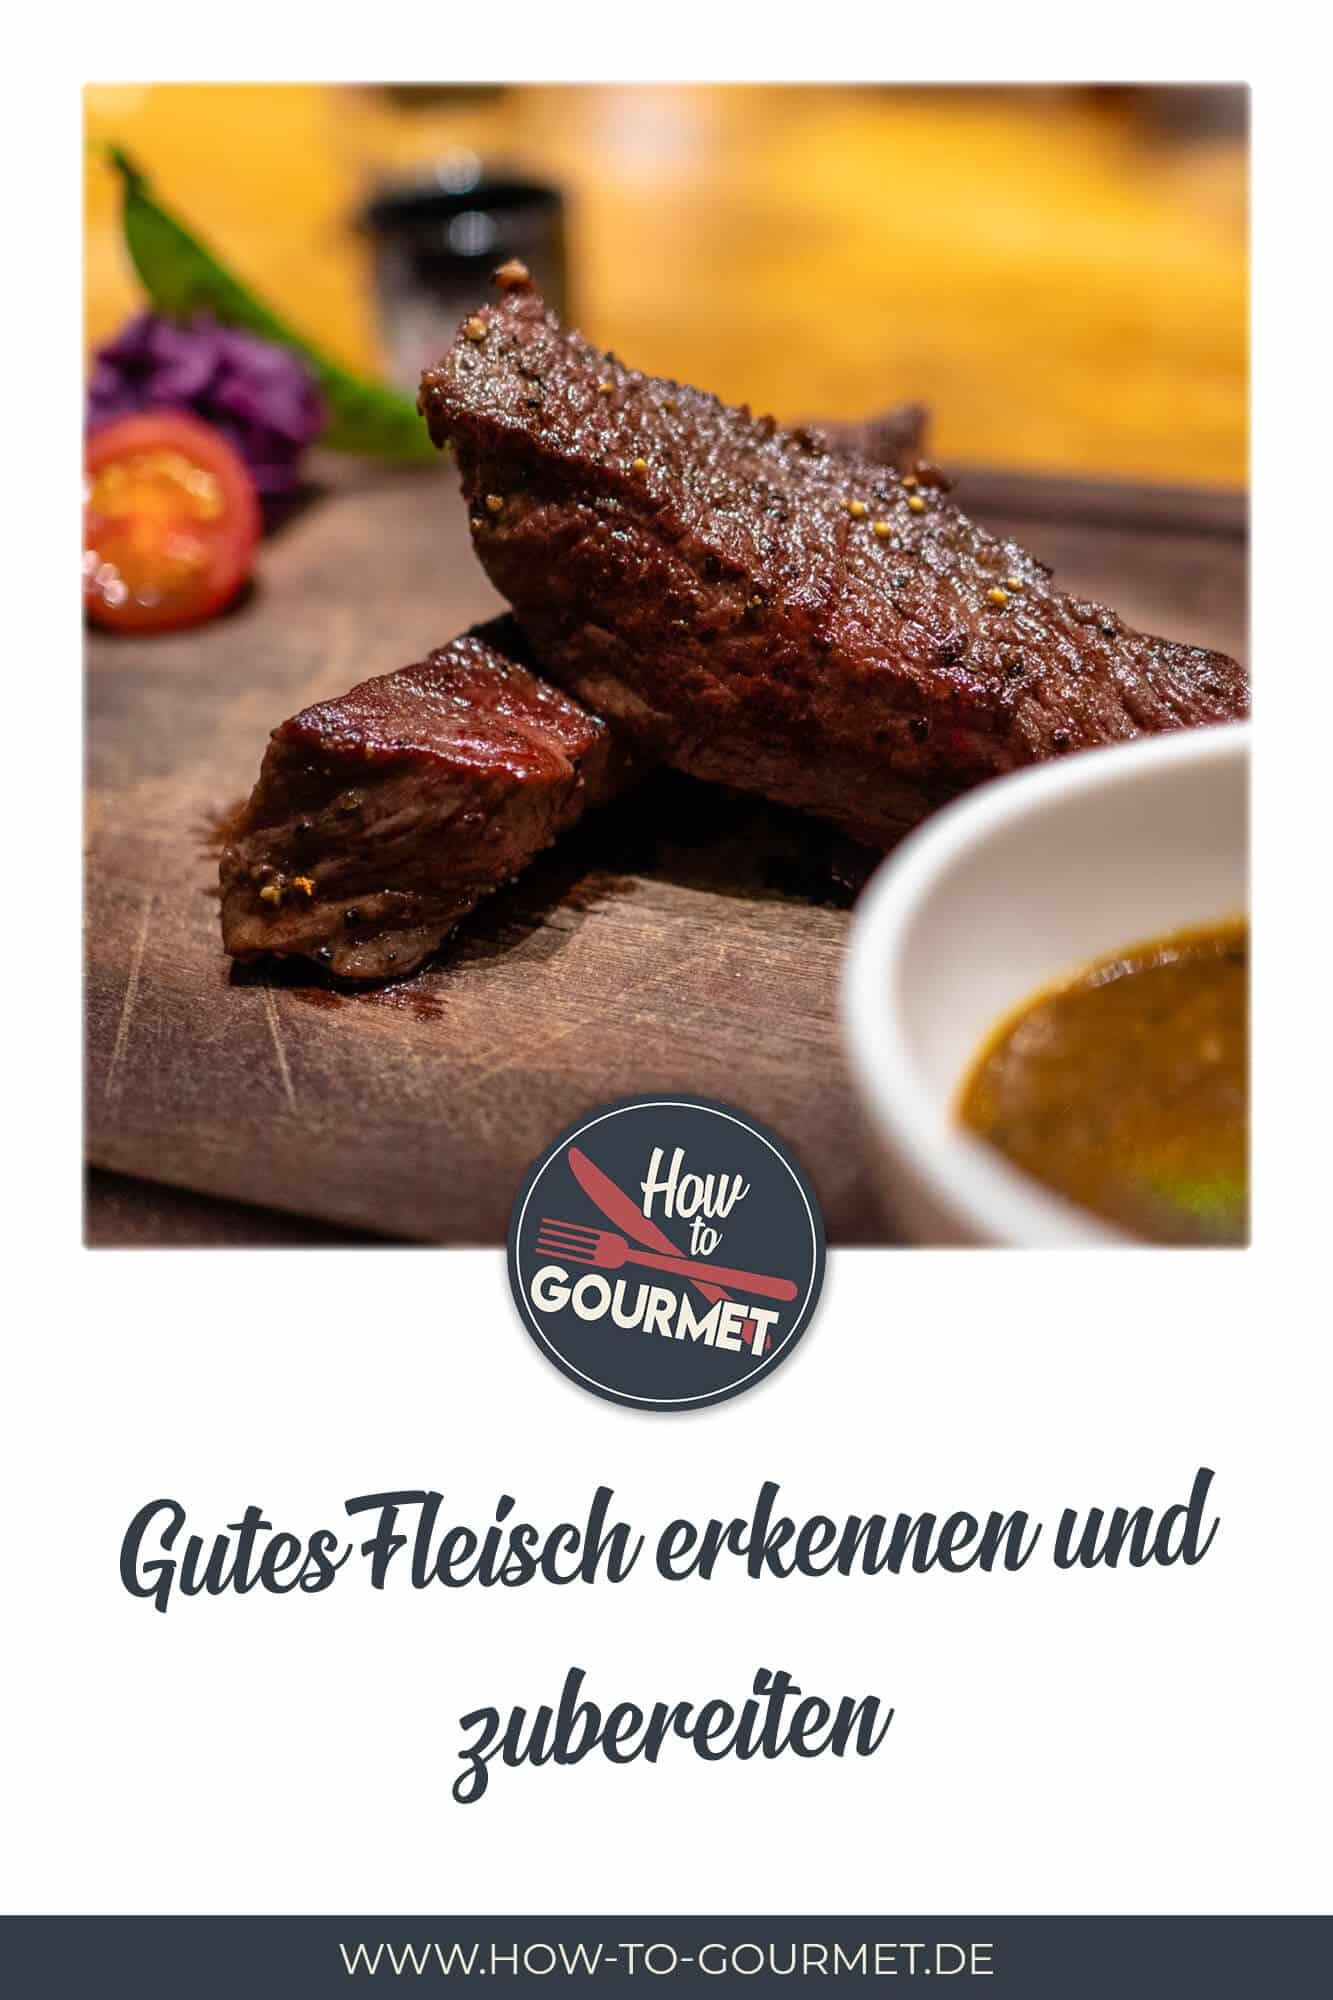 Otto Gourmet gutes Fleisch erkennen und zubereiten